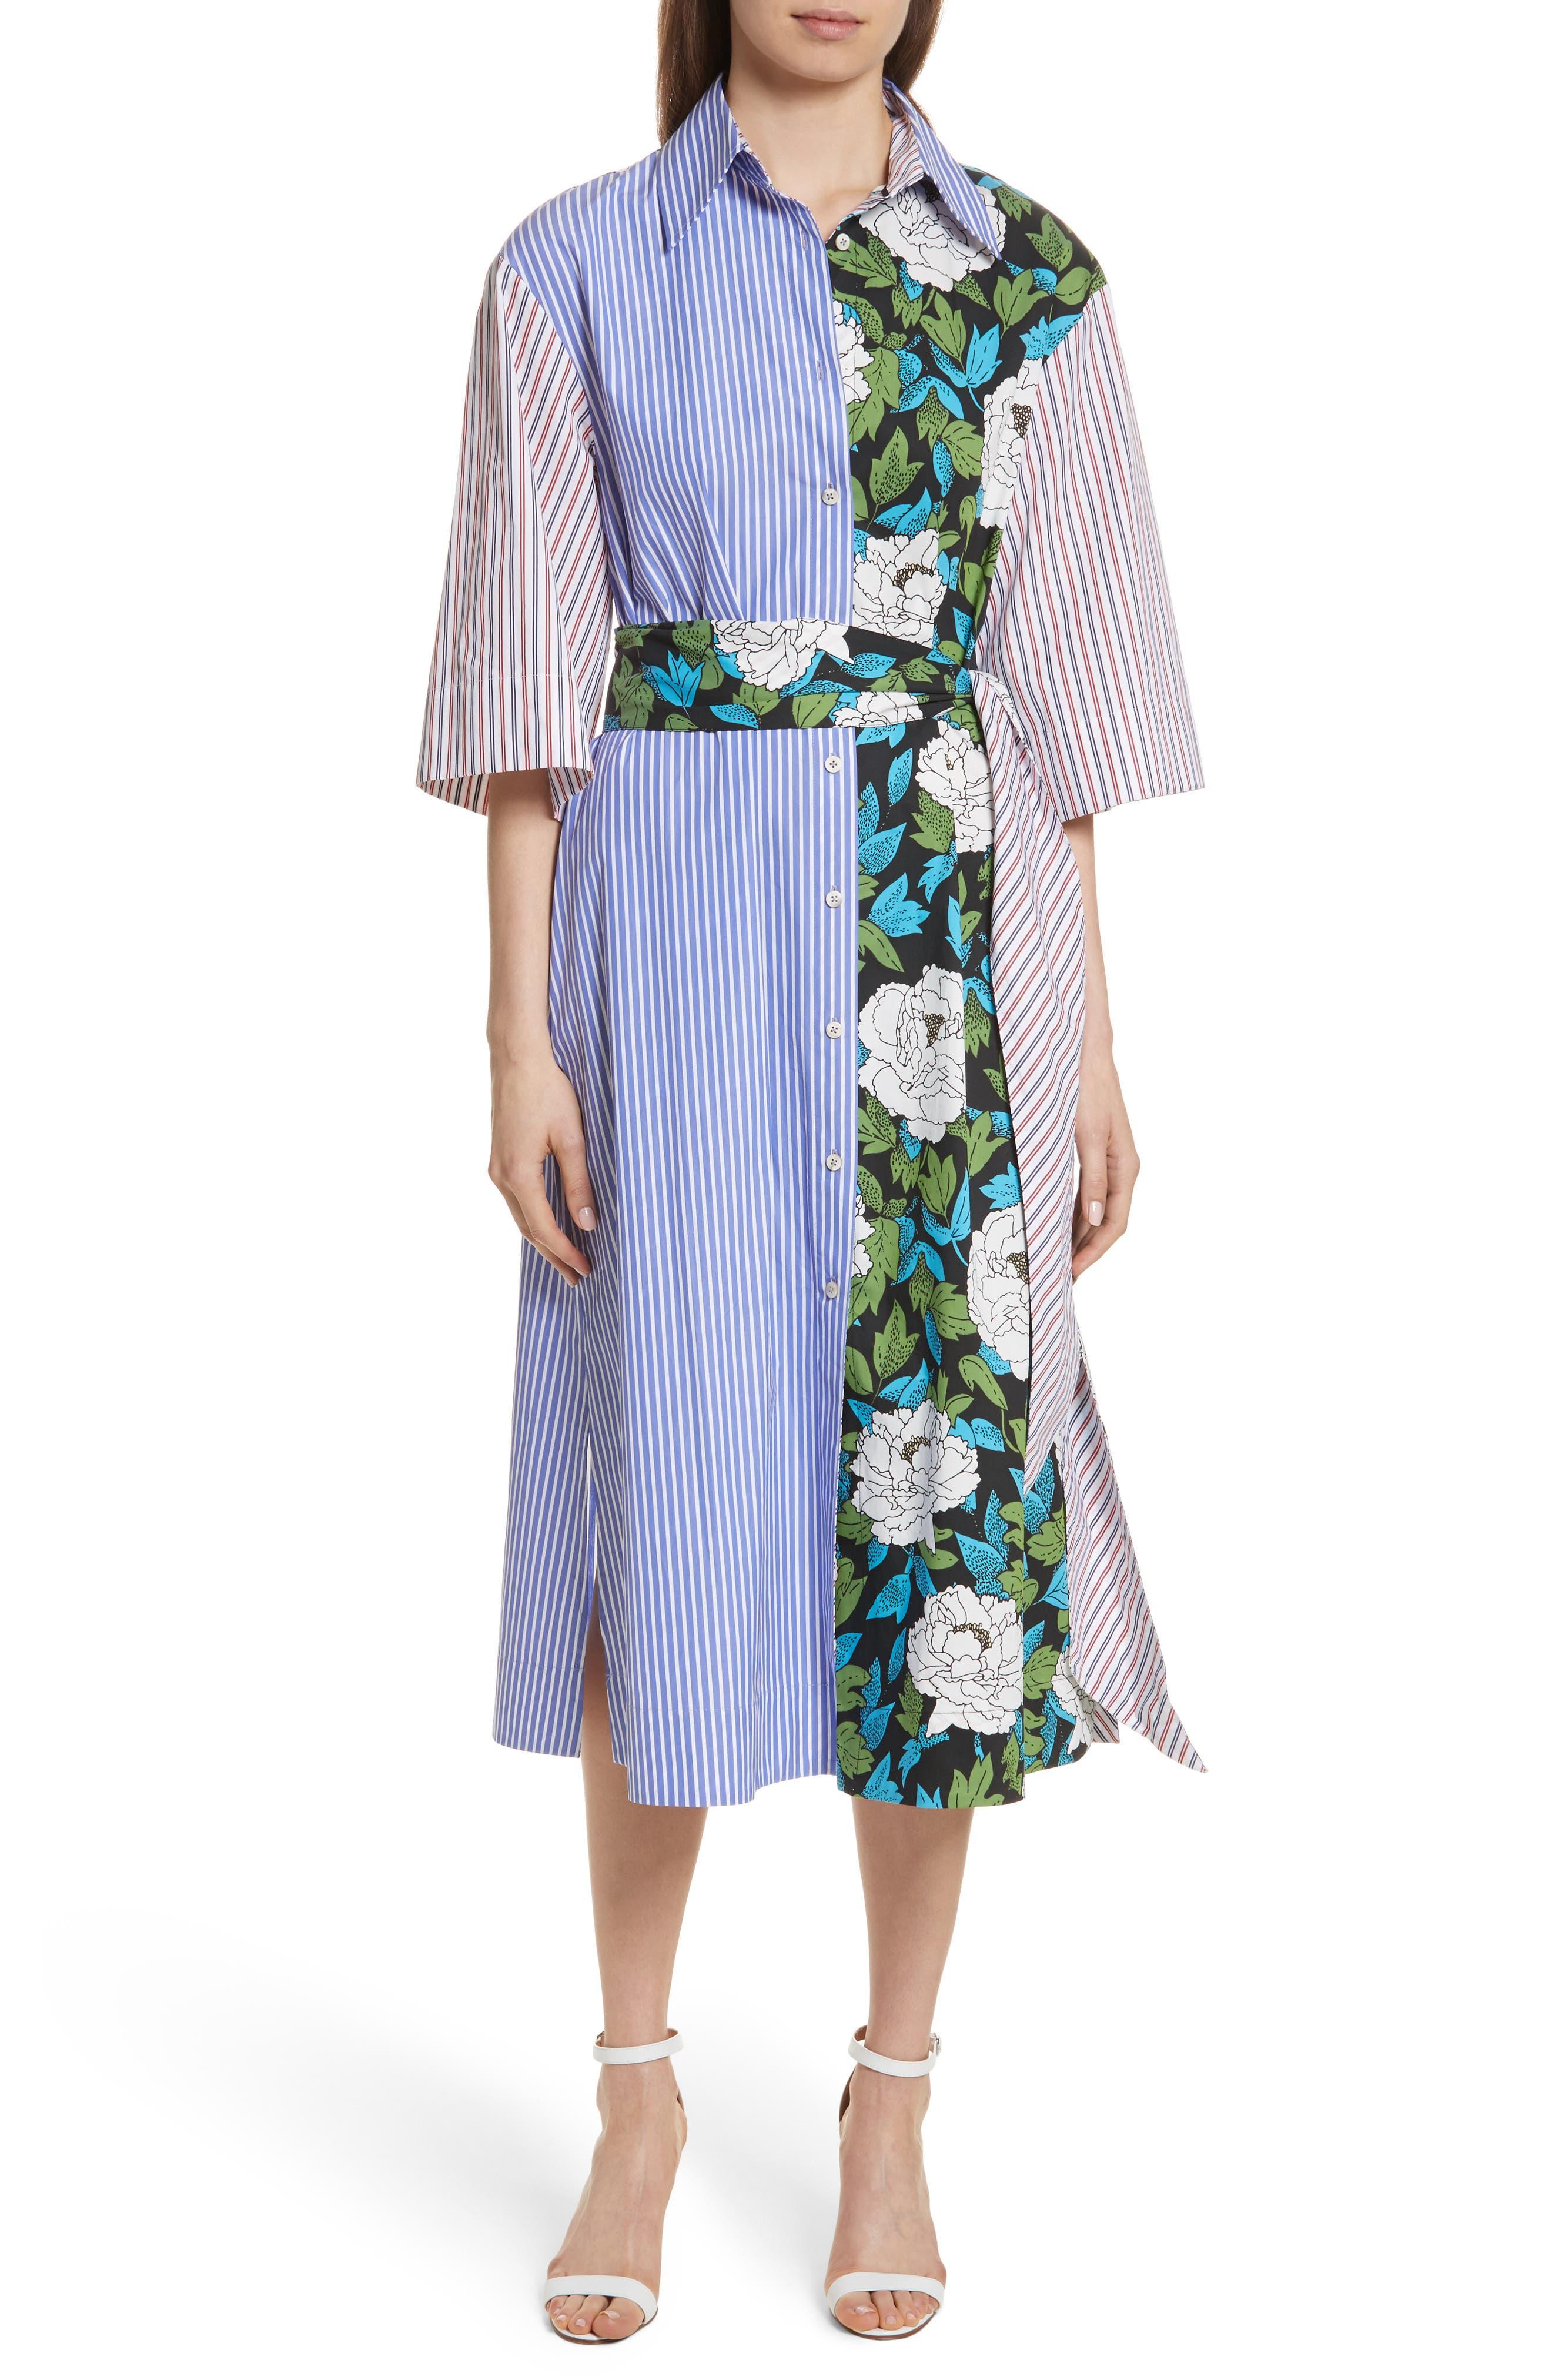 Diane von Furstenberg Mixed Print Cotton Shirtdress